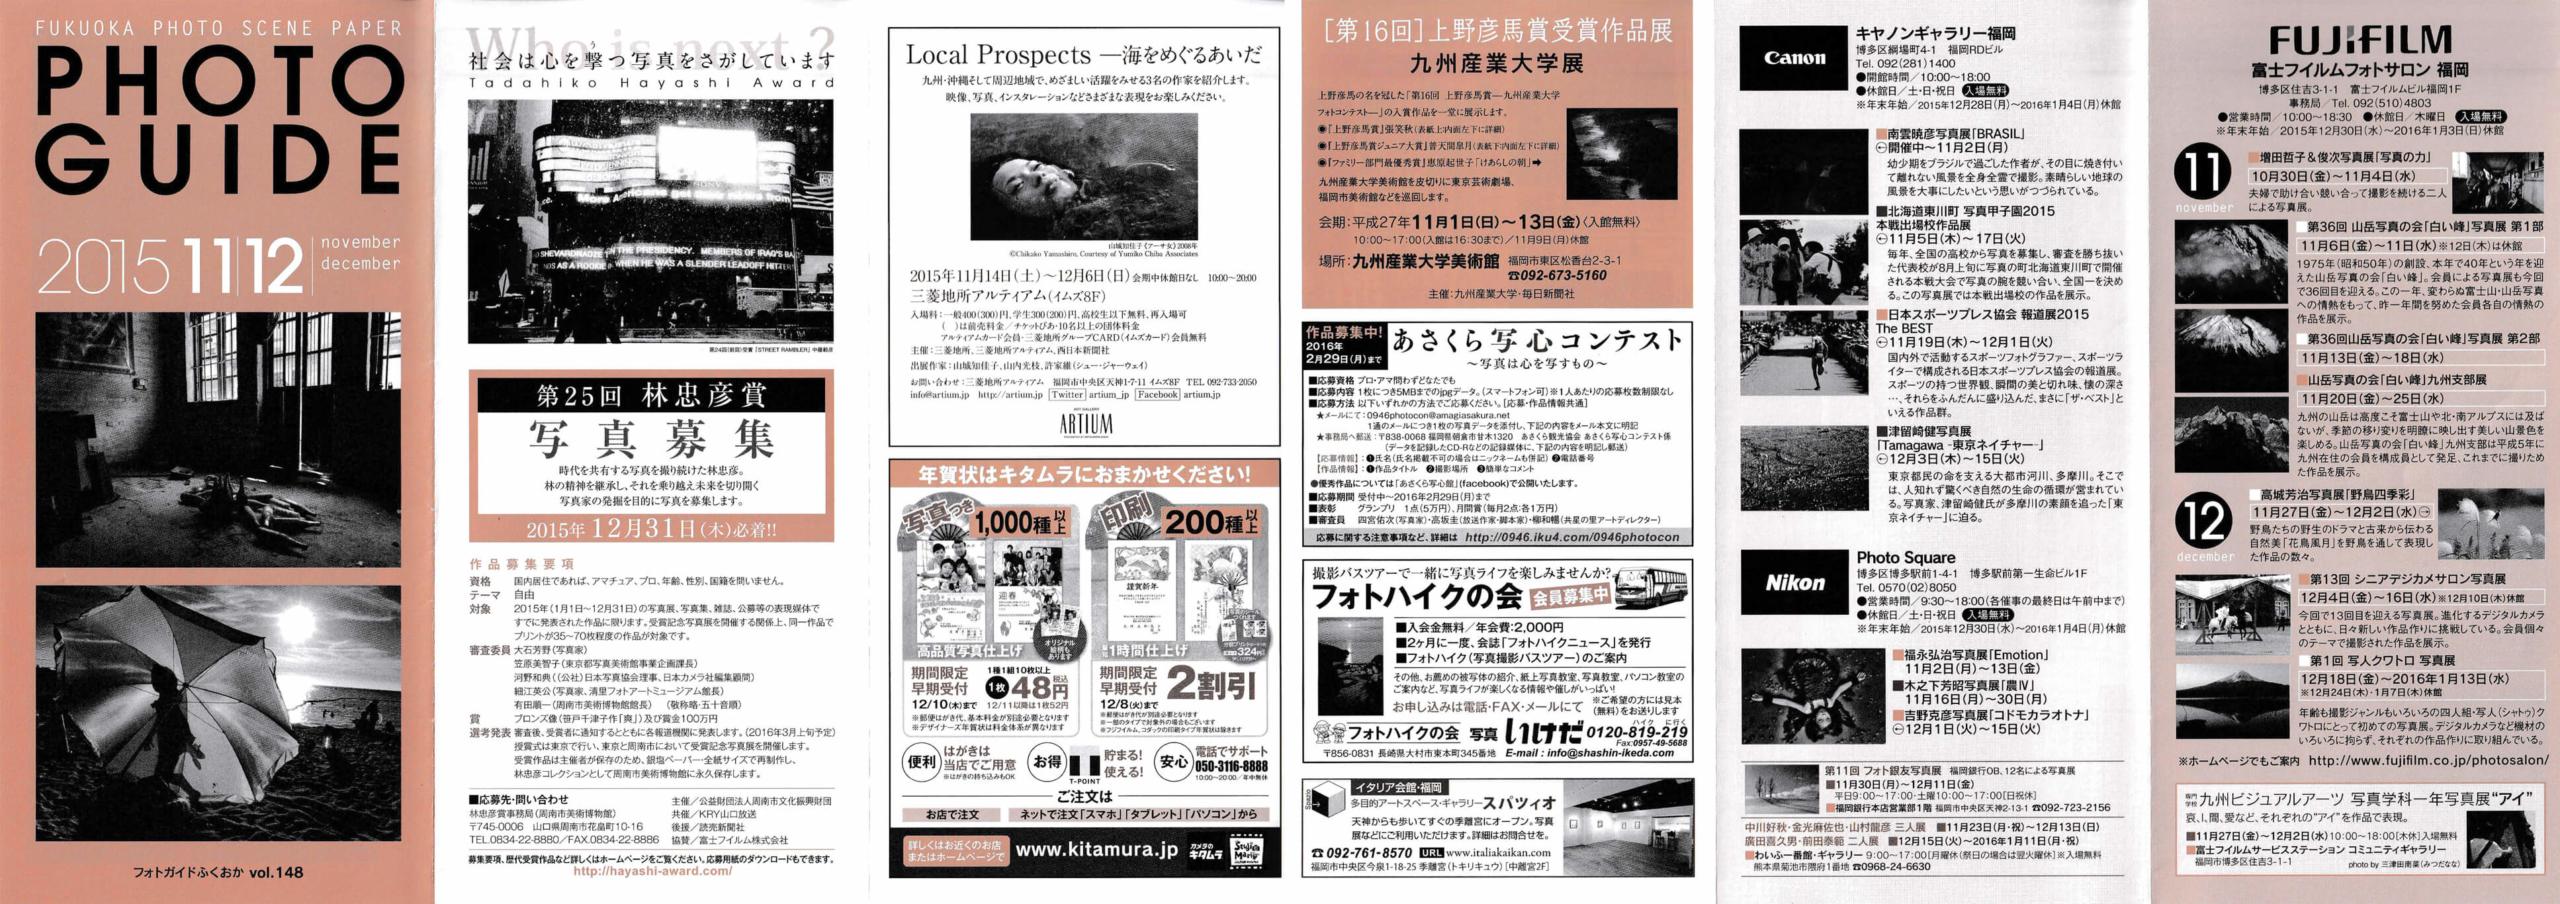 フォトガイドふくおか|アーカイブ|vol148